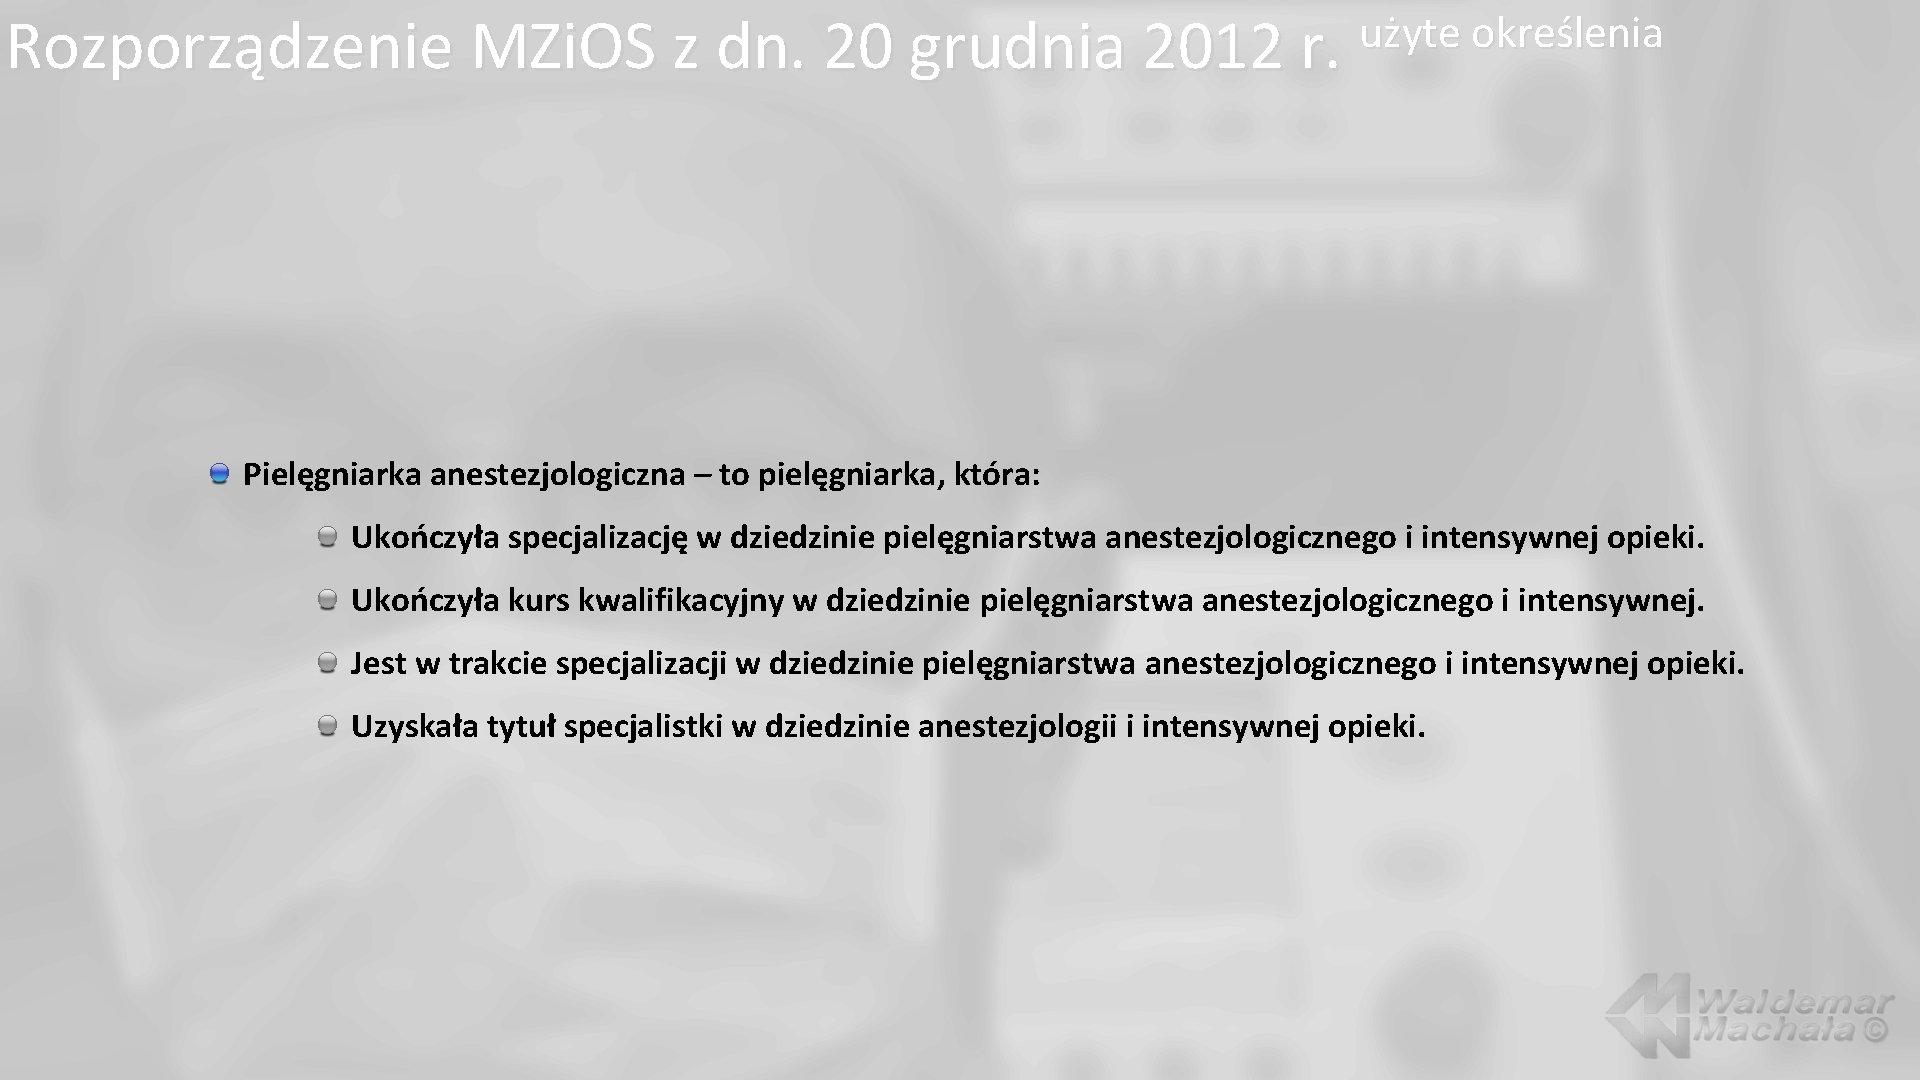 Rozporządzenie MZi. OS z dn. 20 grudnia 2012 r. użyte określenia Pielęgniarka anestezjologiczna –